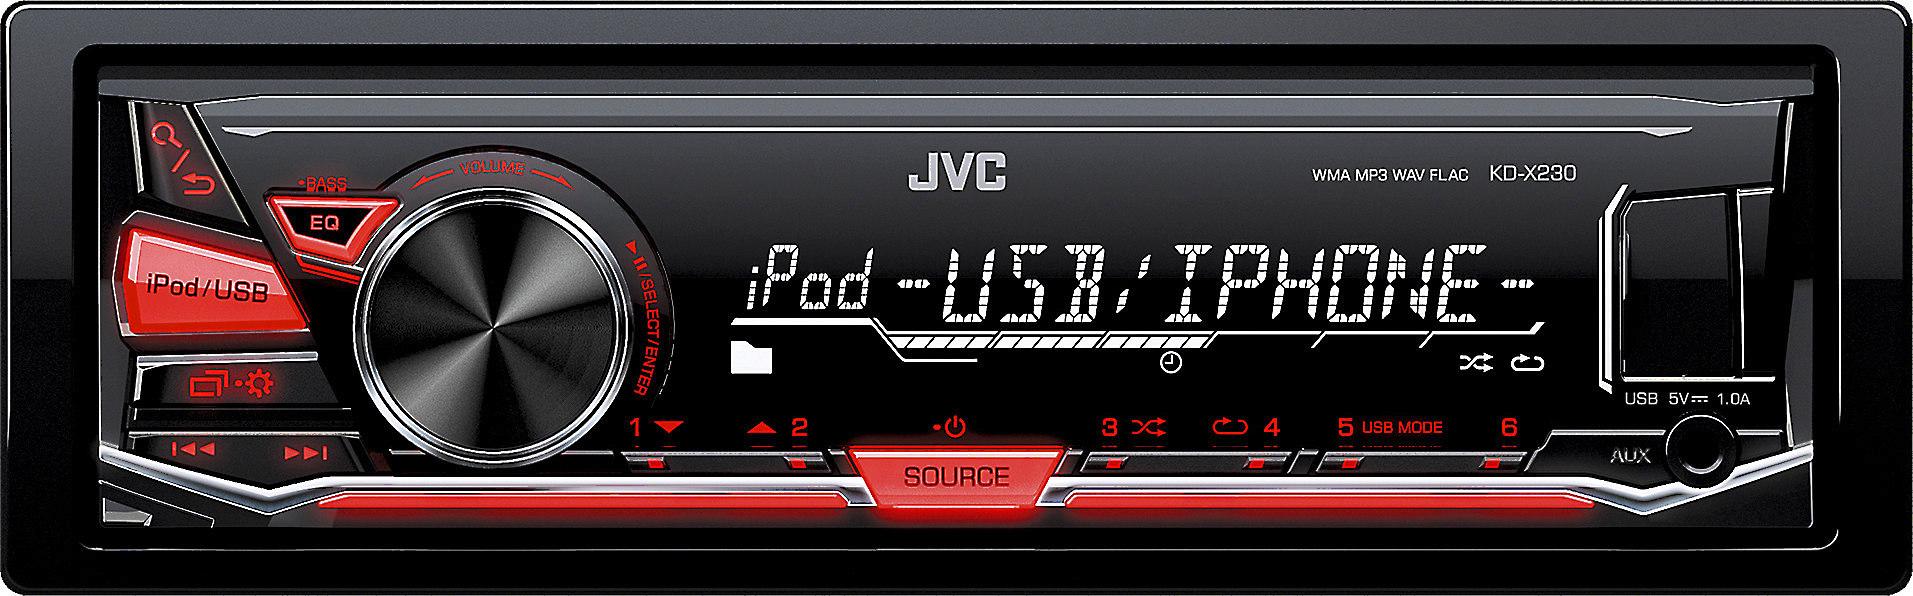 JVC KD-X230